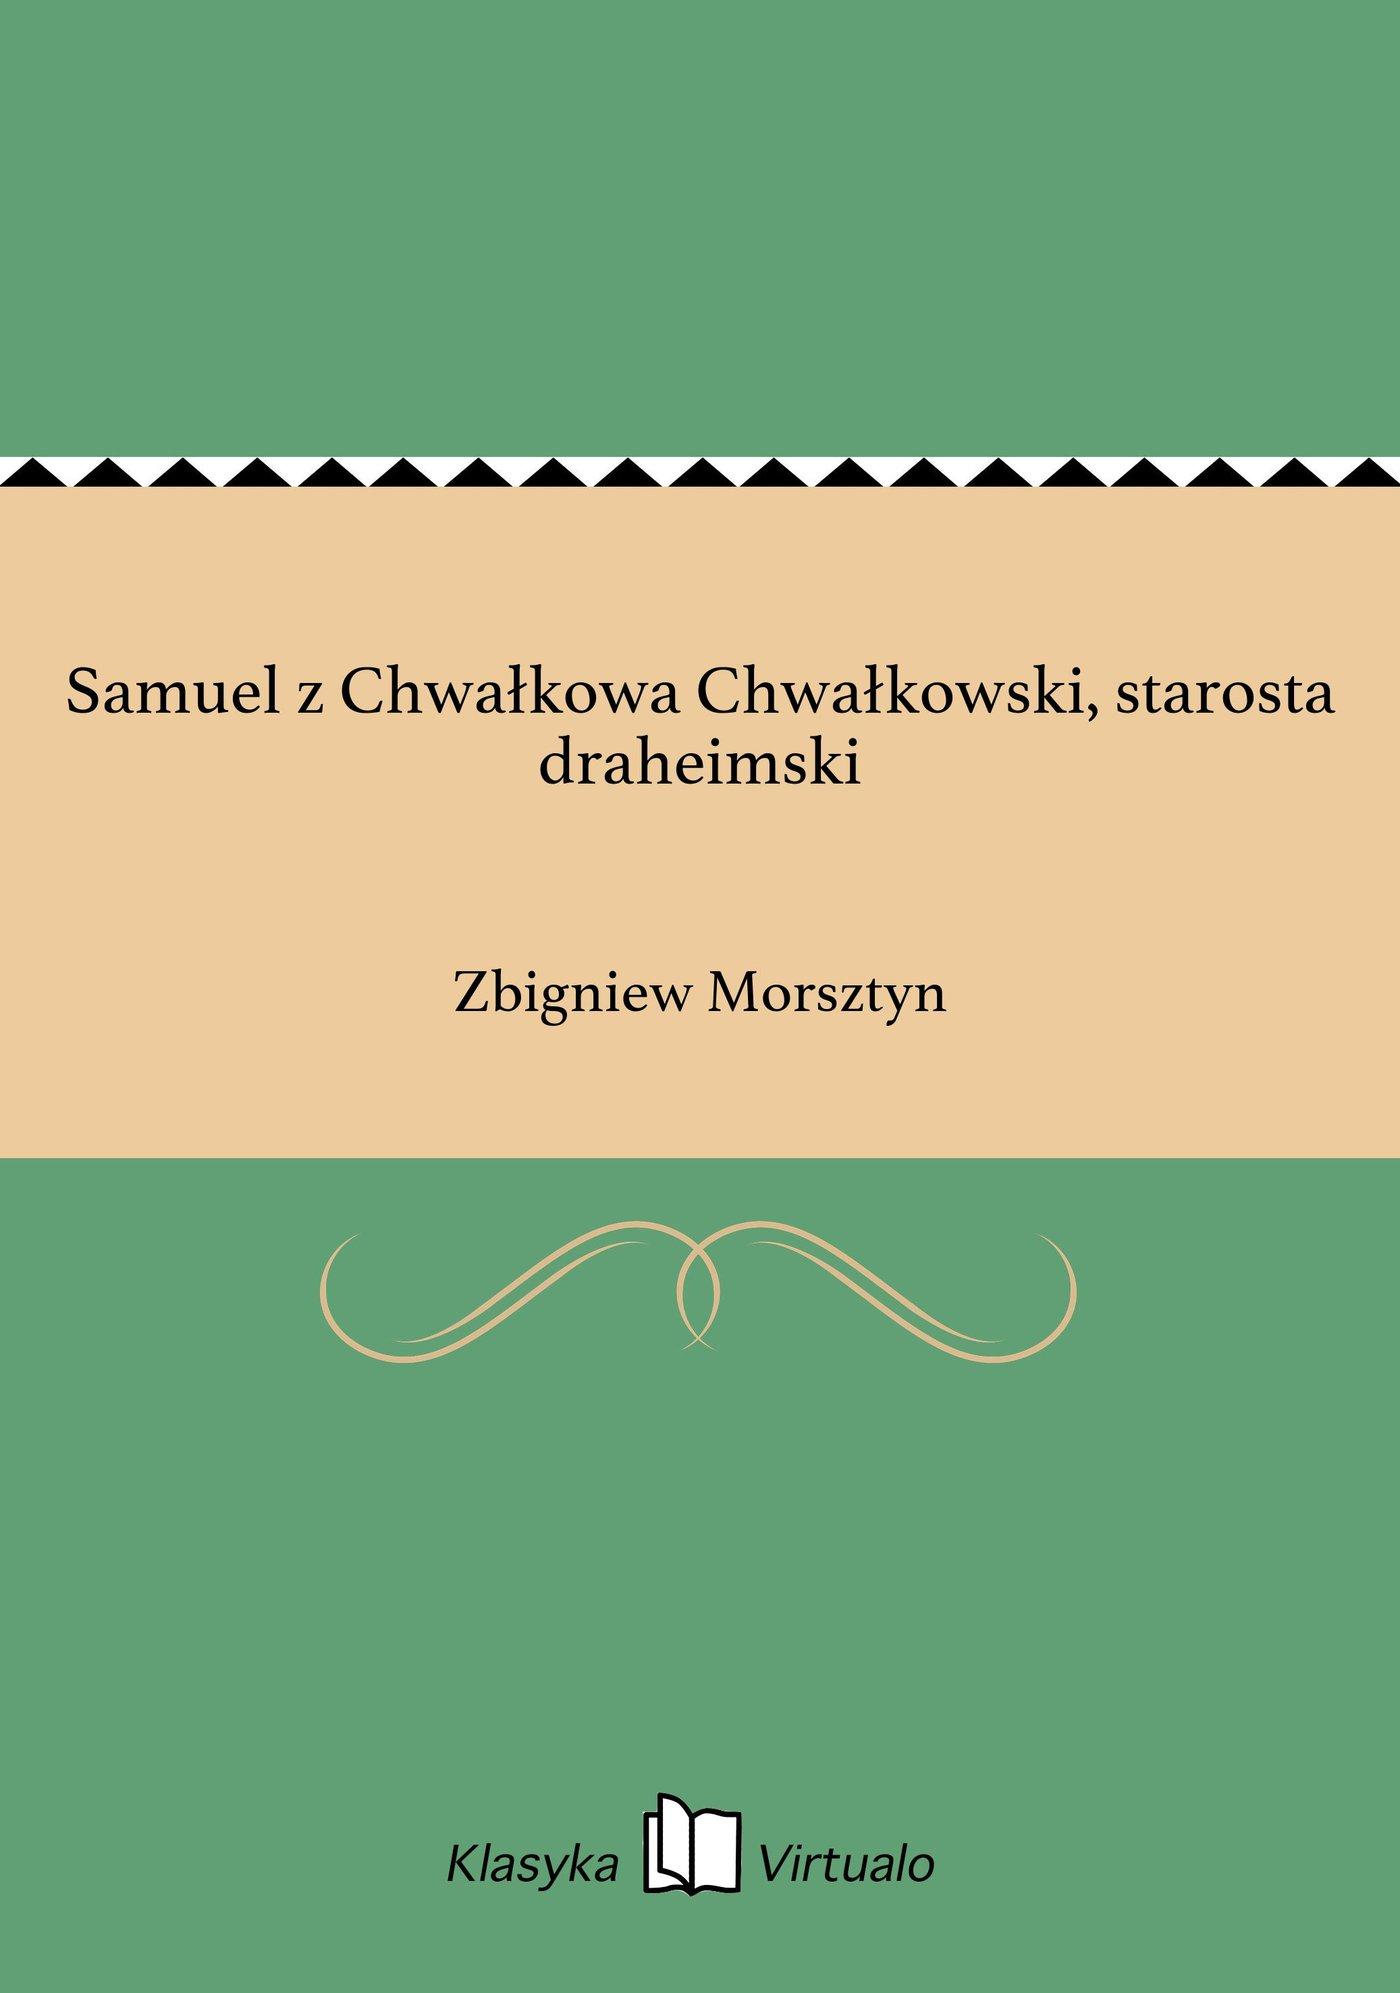 Samuel z Chwałkowa Chwałkowski, starosta draheimski - Ebook (Książka na Kindle) do pobrania w formacie MOBI